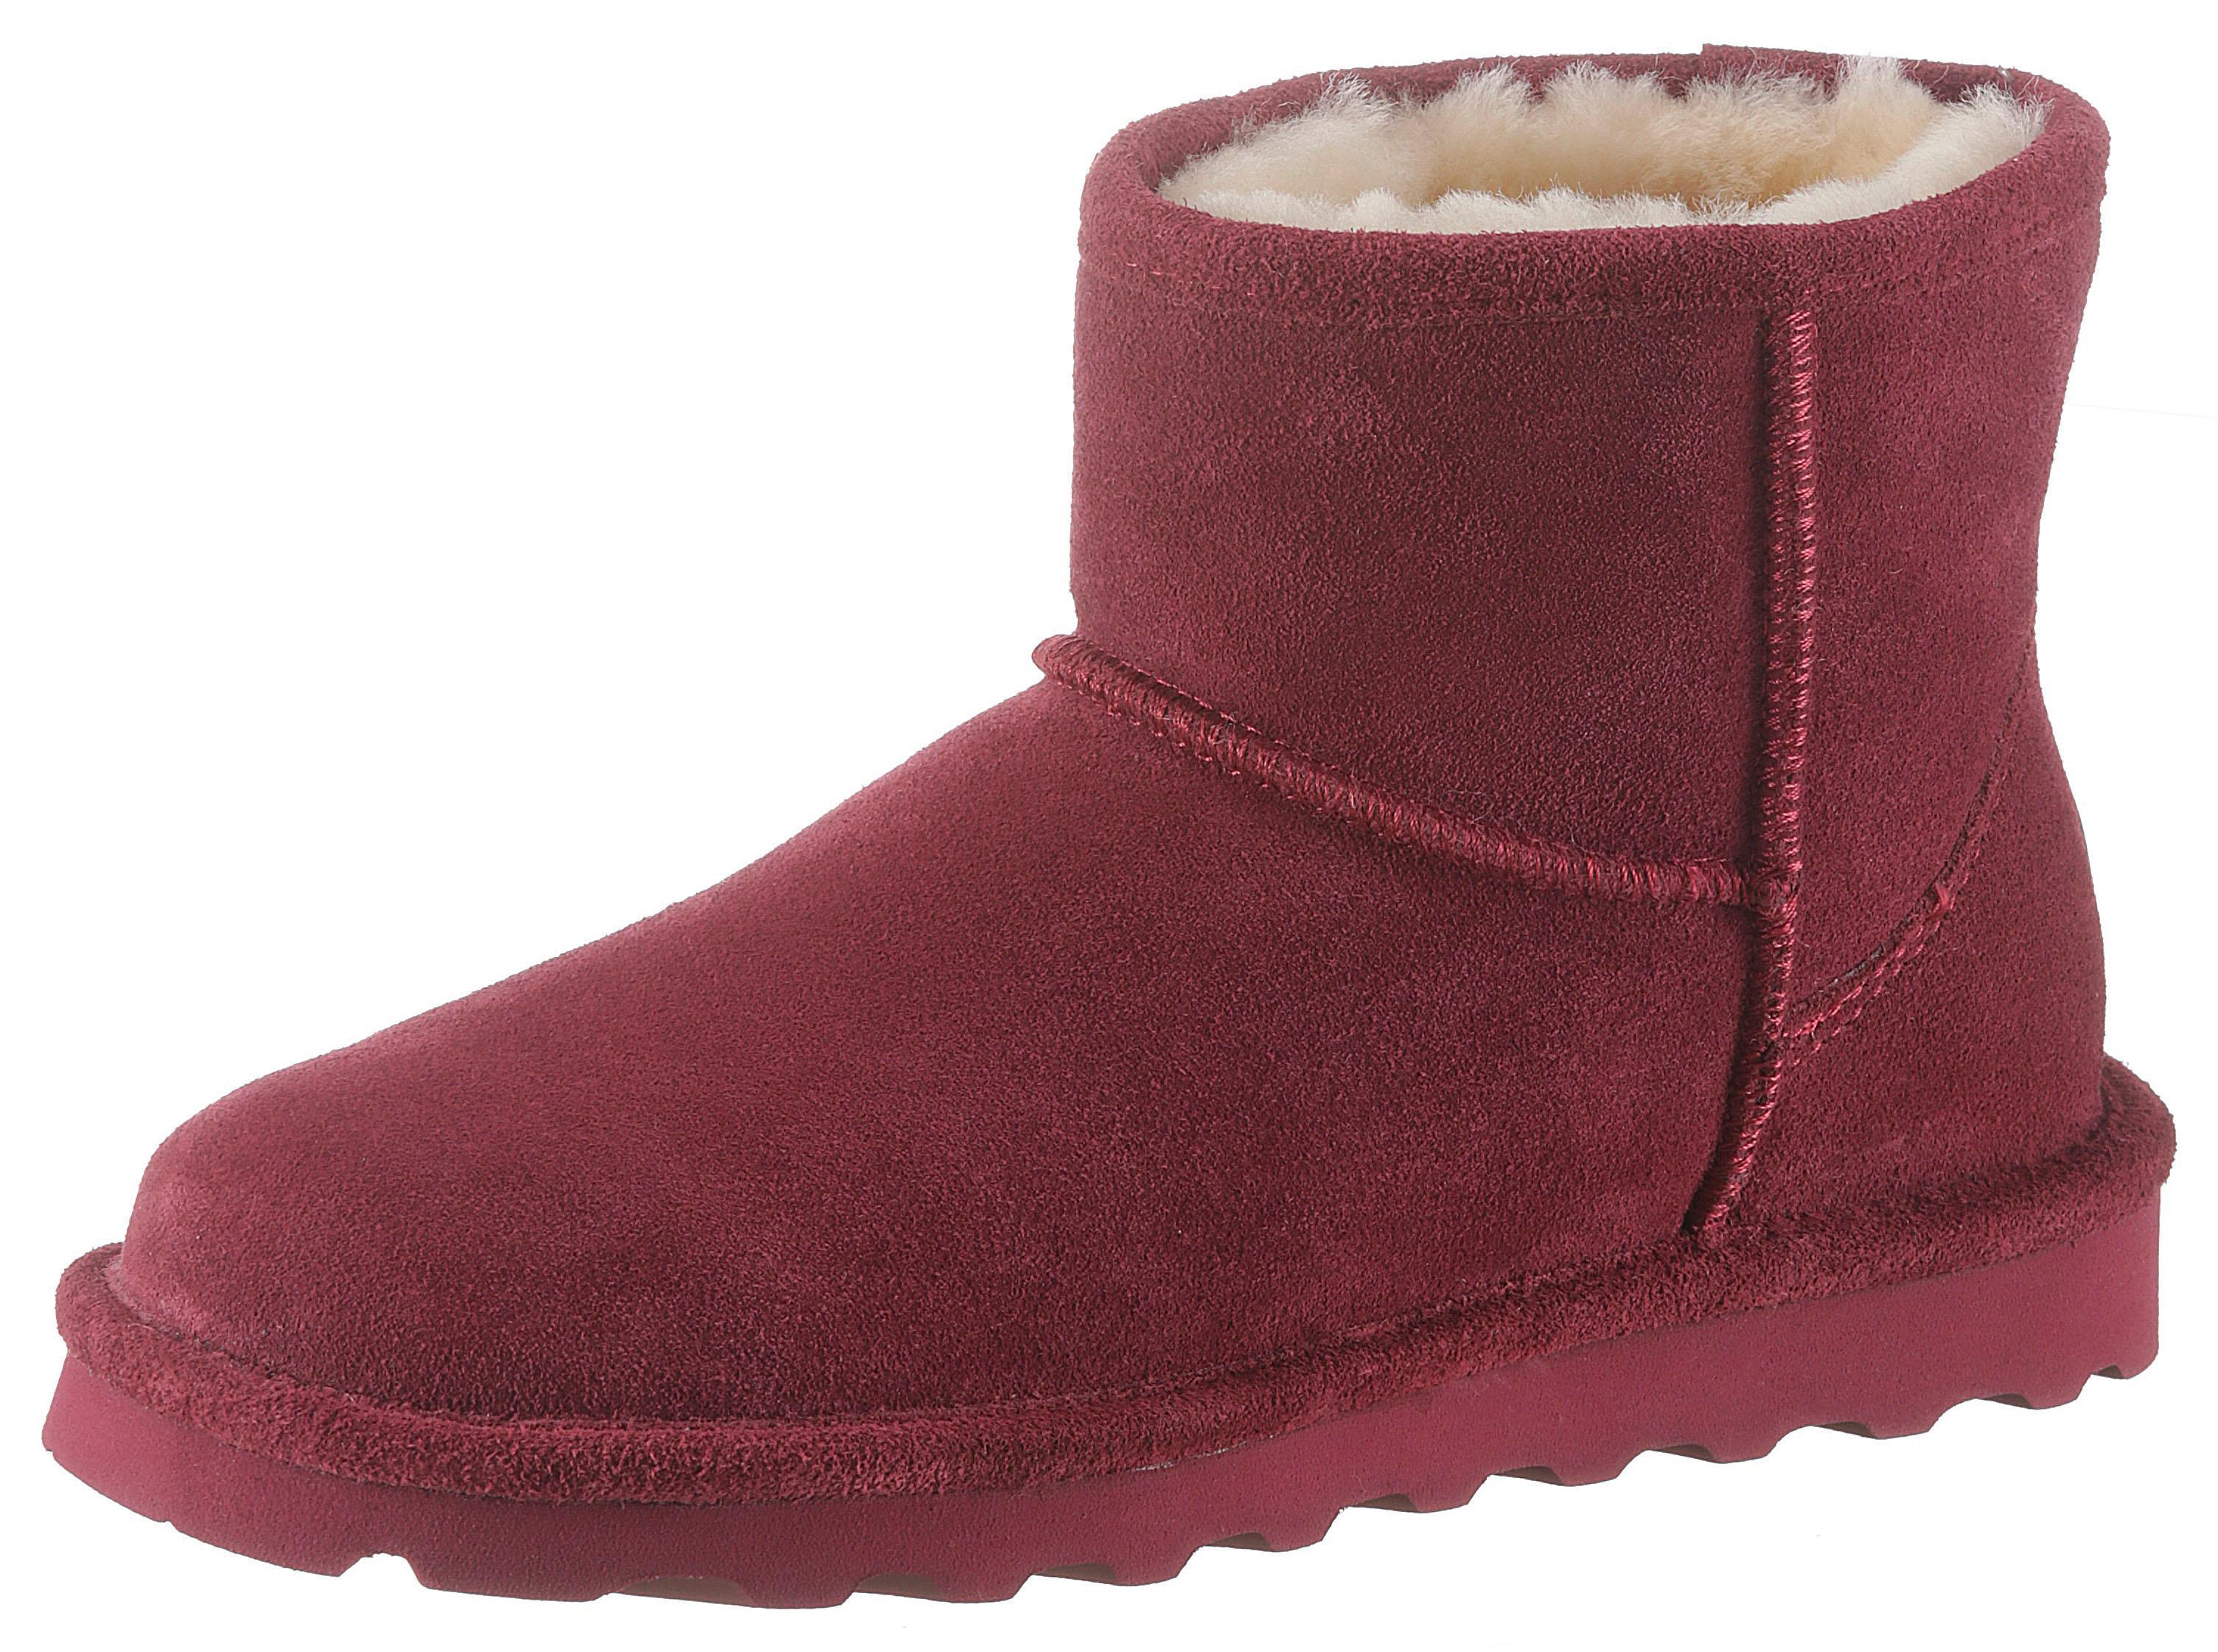 Bearpaw Winterboots Alyssa | Schuhe > Boots > Winterboots | Bearpaw